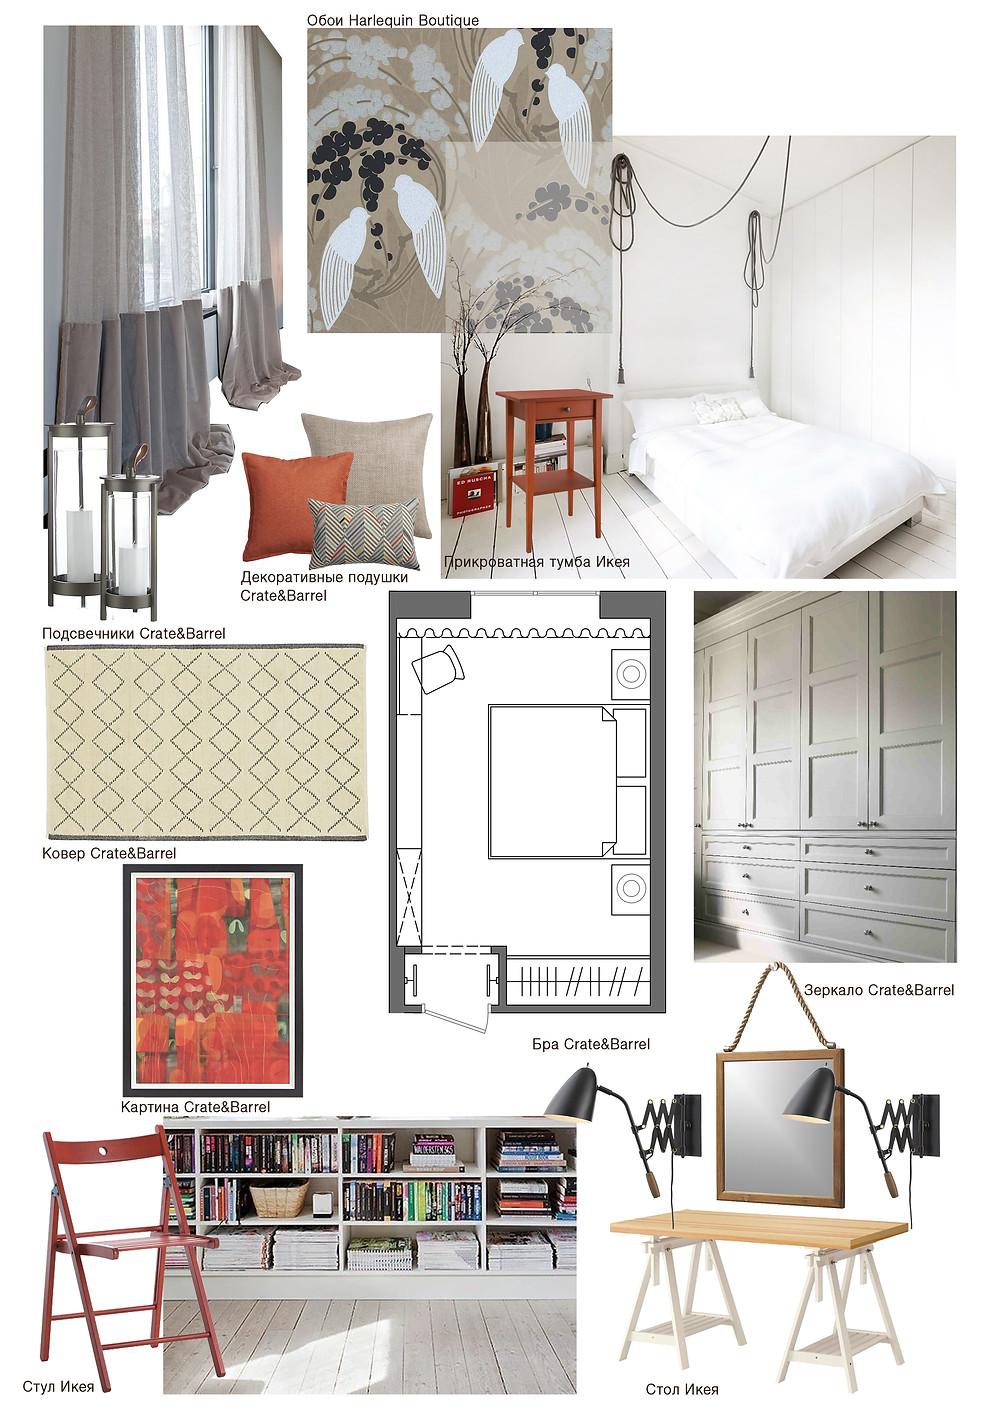 Спальня в квартире типовой застройки, маленькой площади.